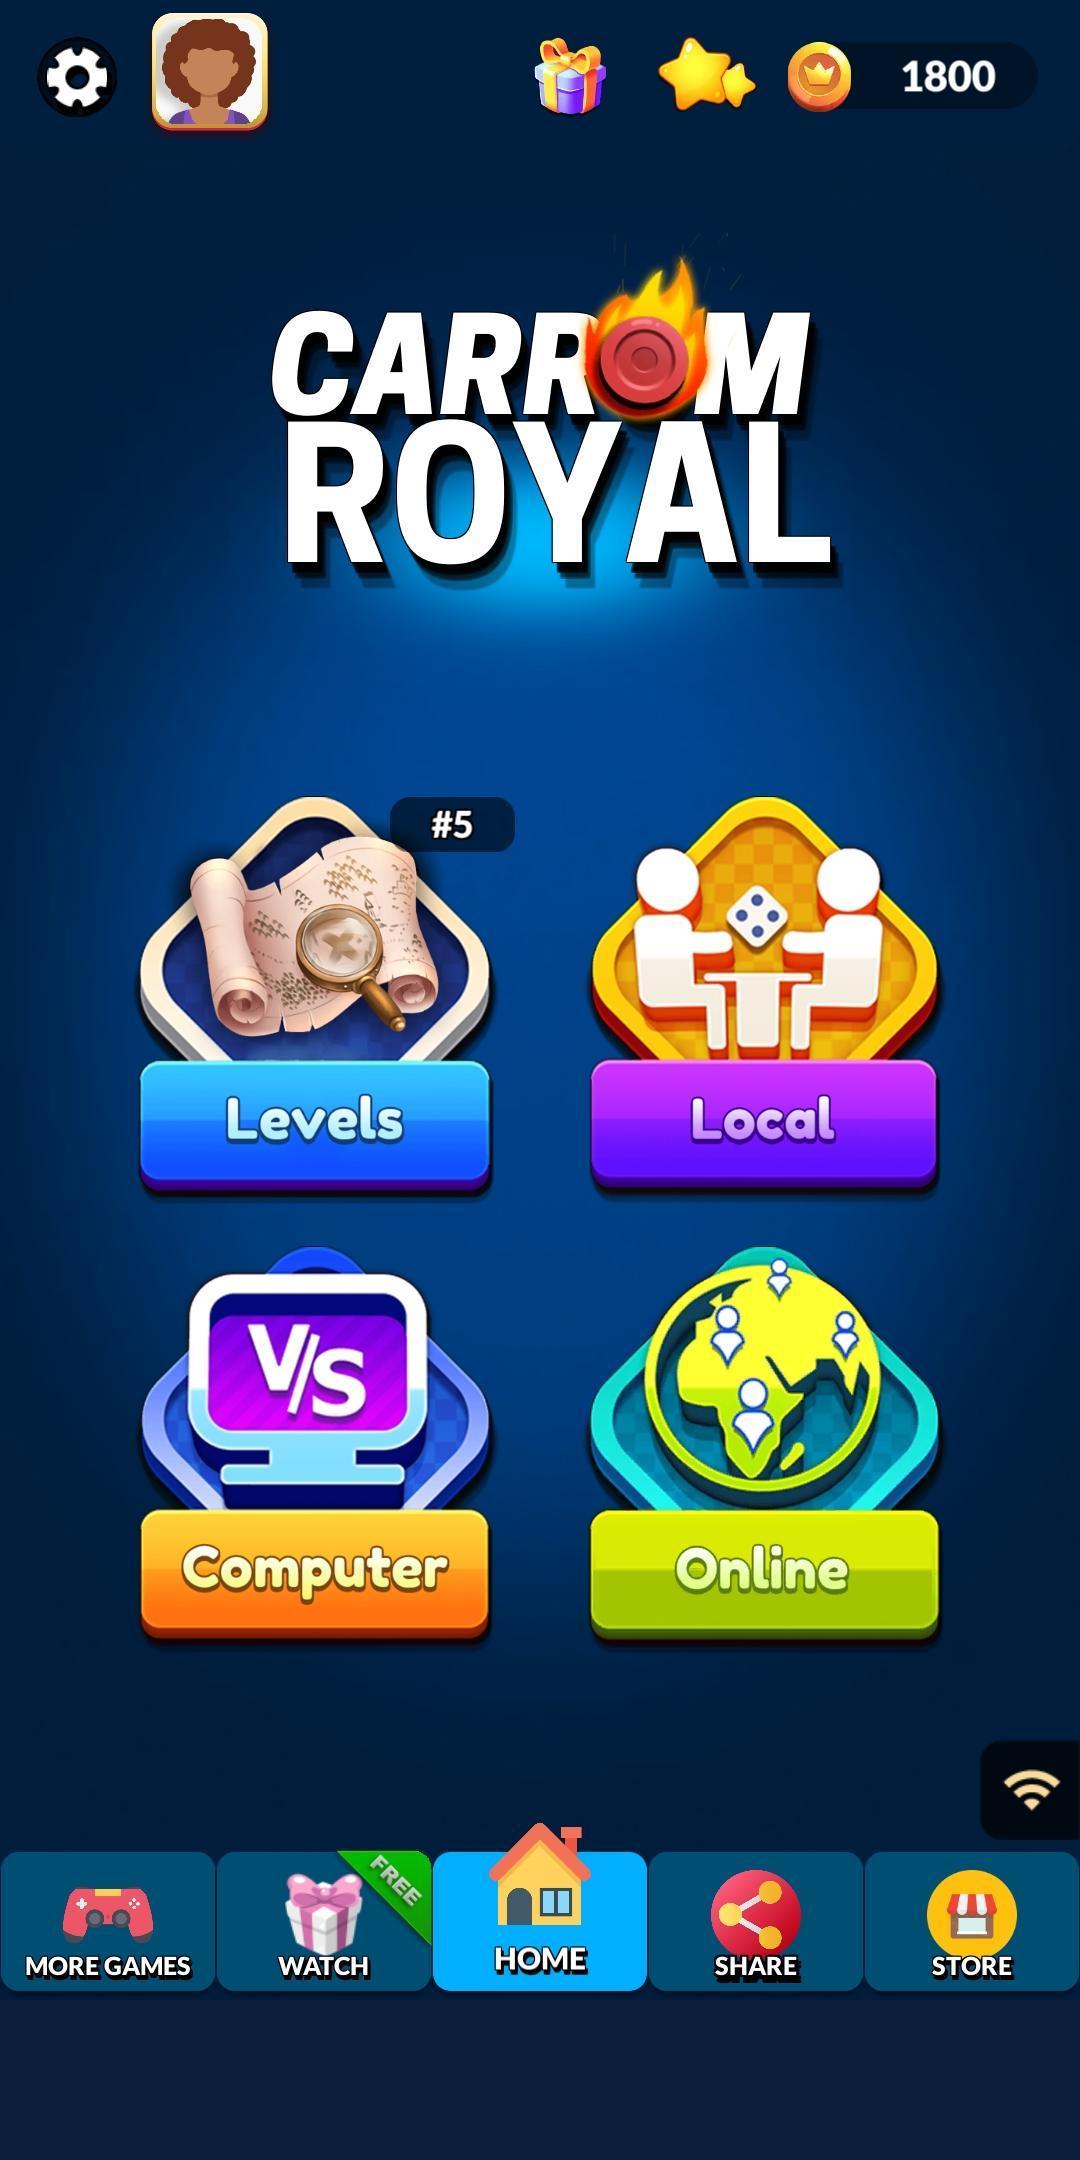 Carrom Royal Multiplayer Carrom Board Pool Game 10.2.9 Screenshot 12